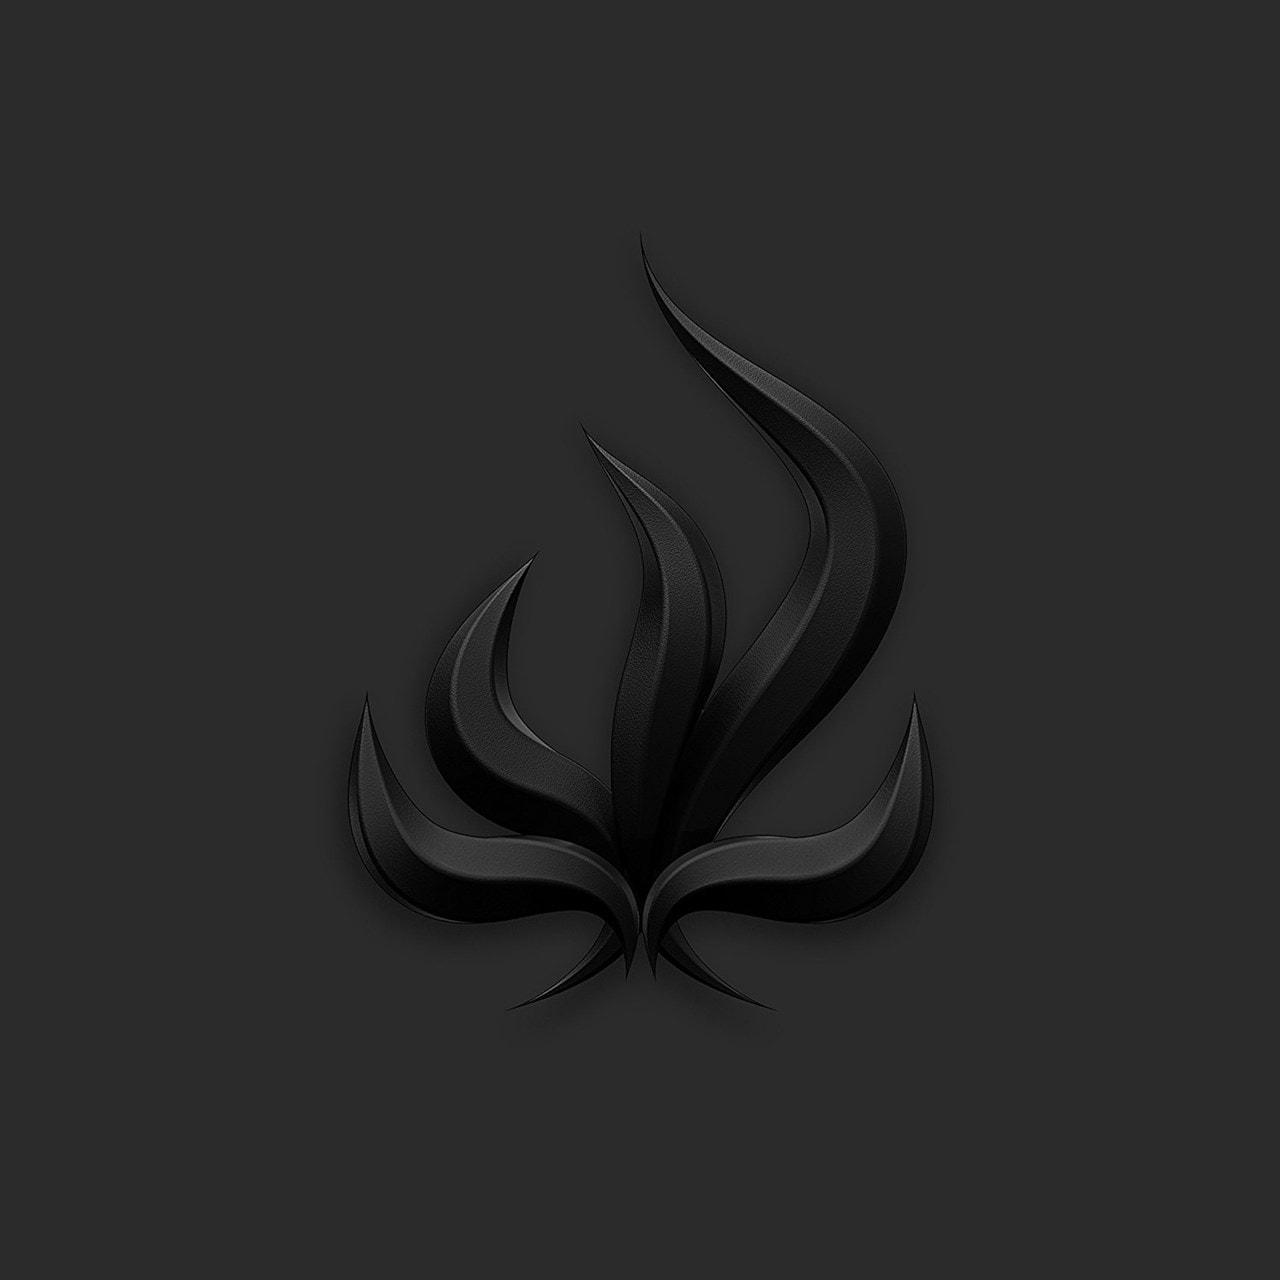 Black Flame - 1